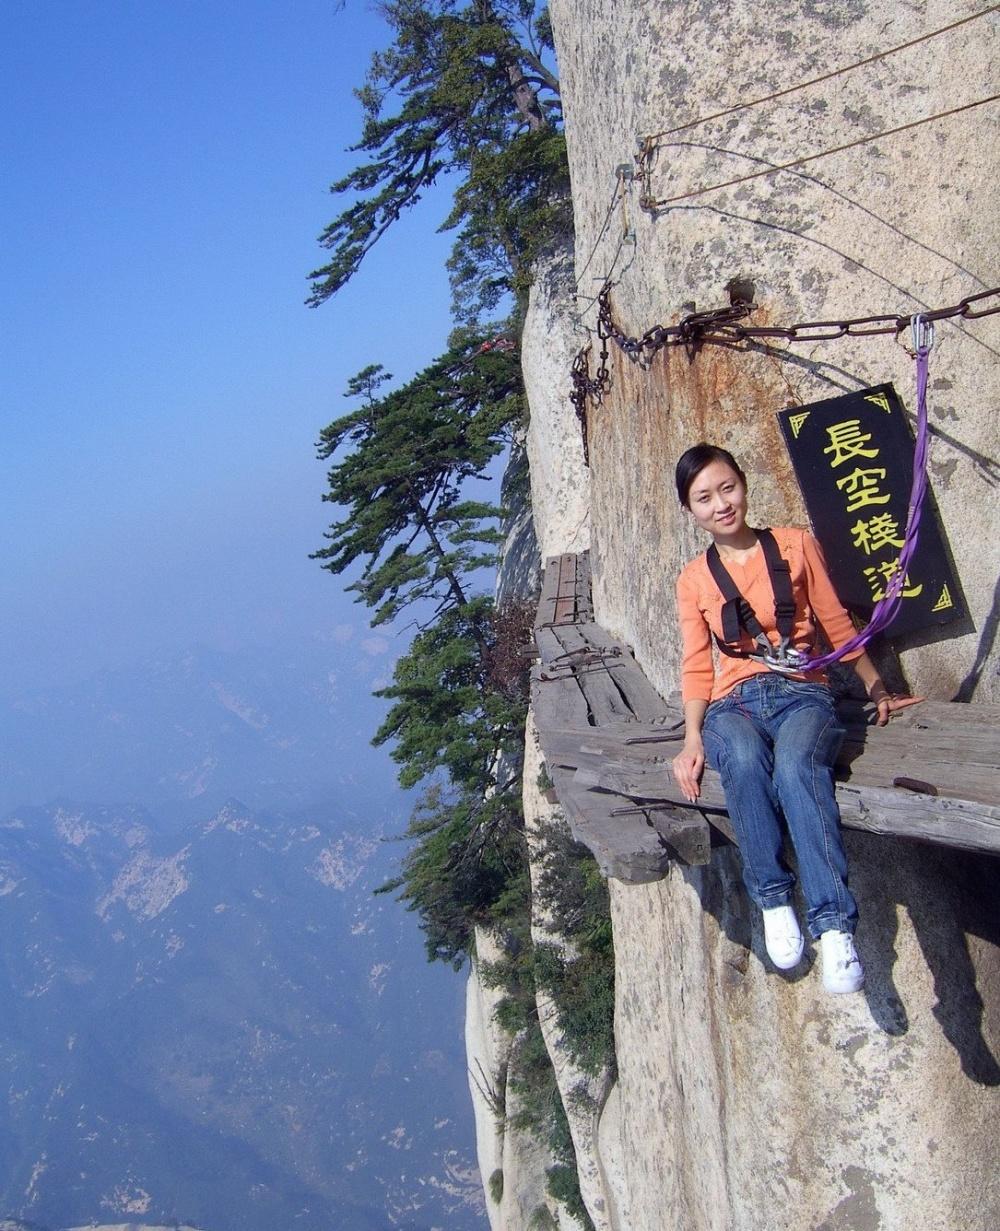 مسیر مرگ ارتفاع2130متر، چین